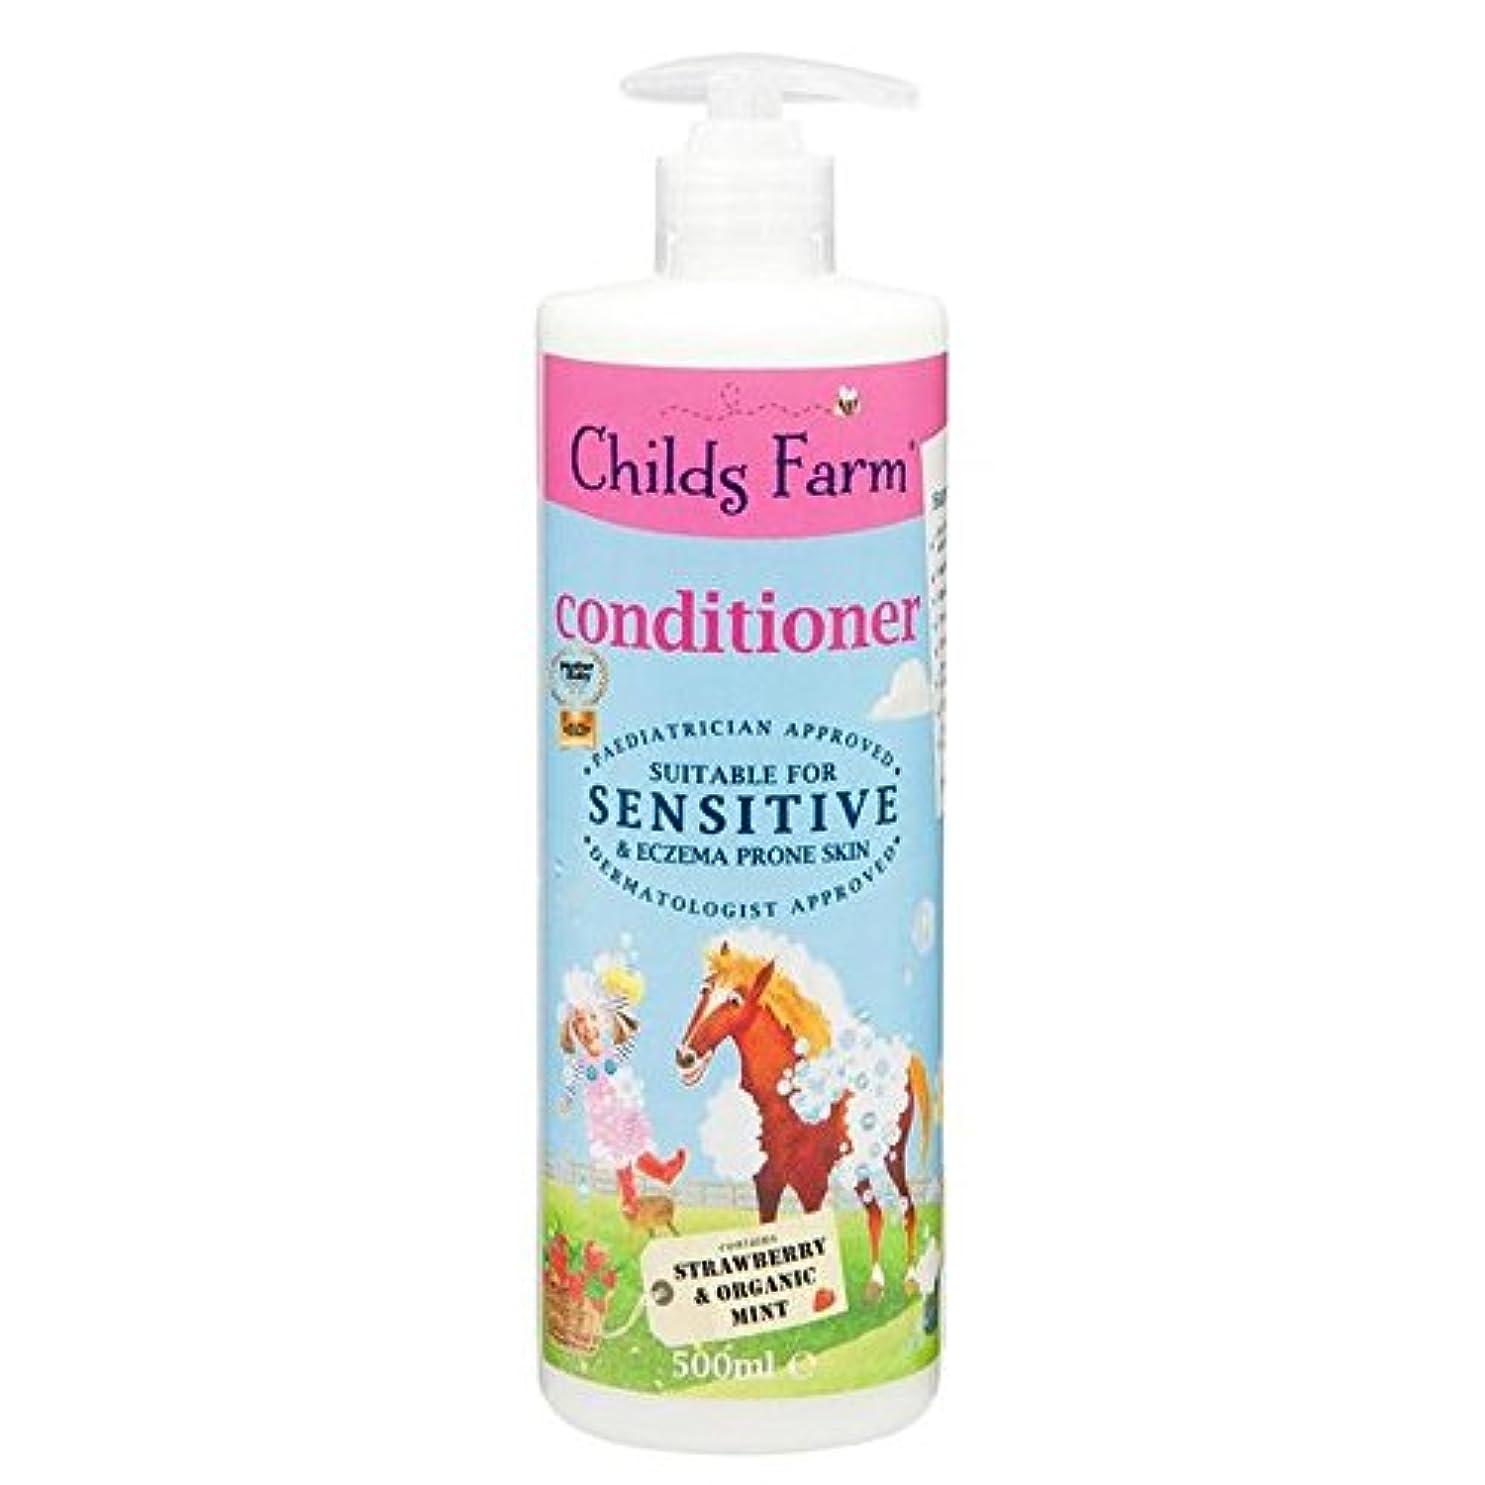 プレゼン囲む装備するChilds Farm Conditioner for Unruly Hair 500ml - 手に負えない髪の500ミリリットルのためのチャイルズファームコンディショナー [並行輸入品]